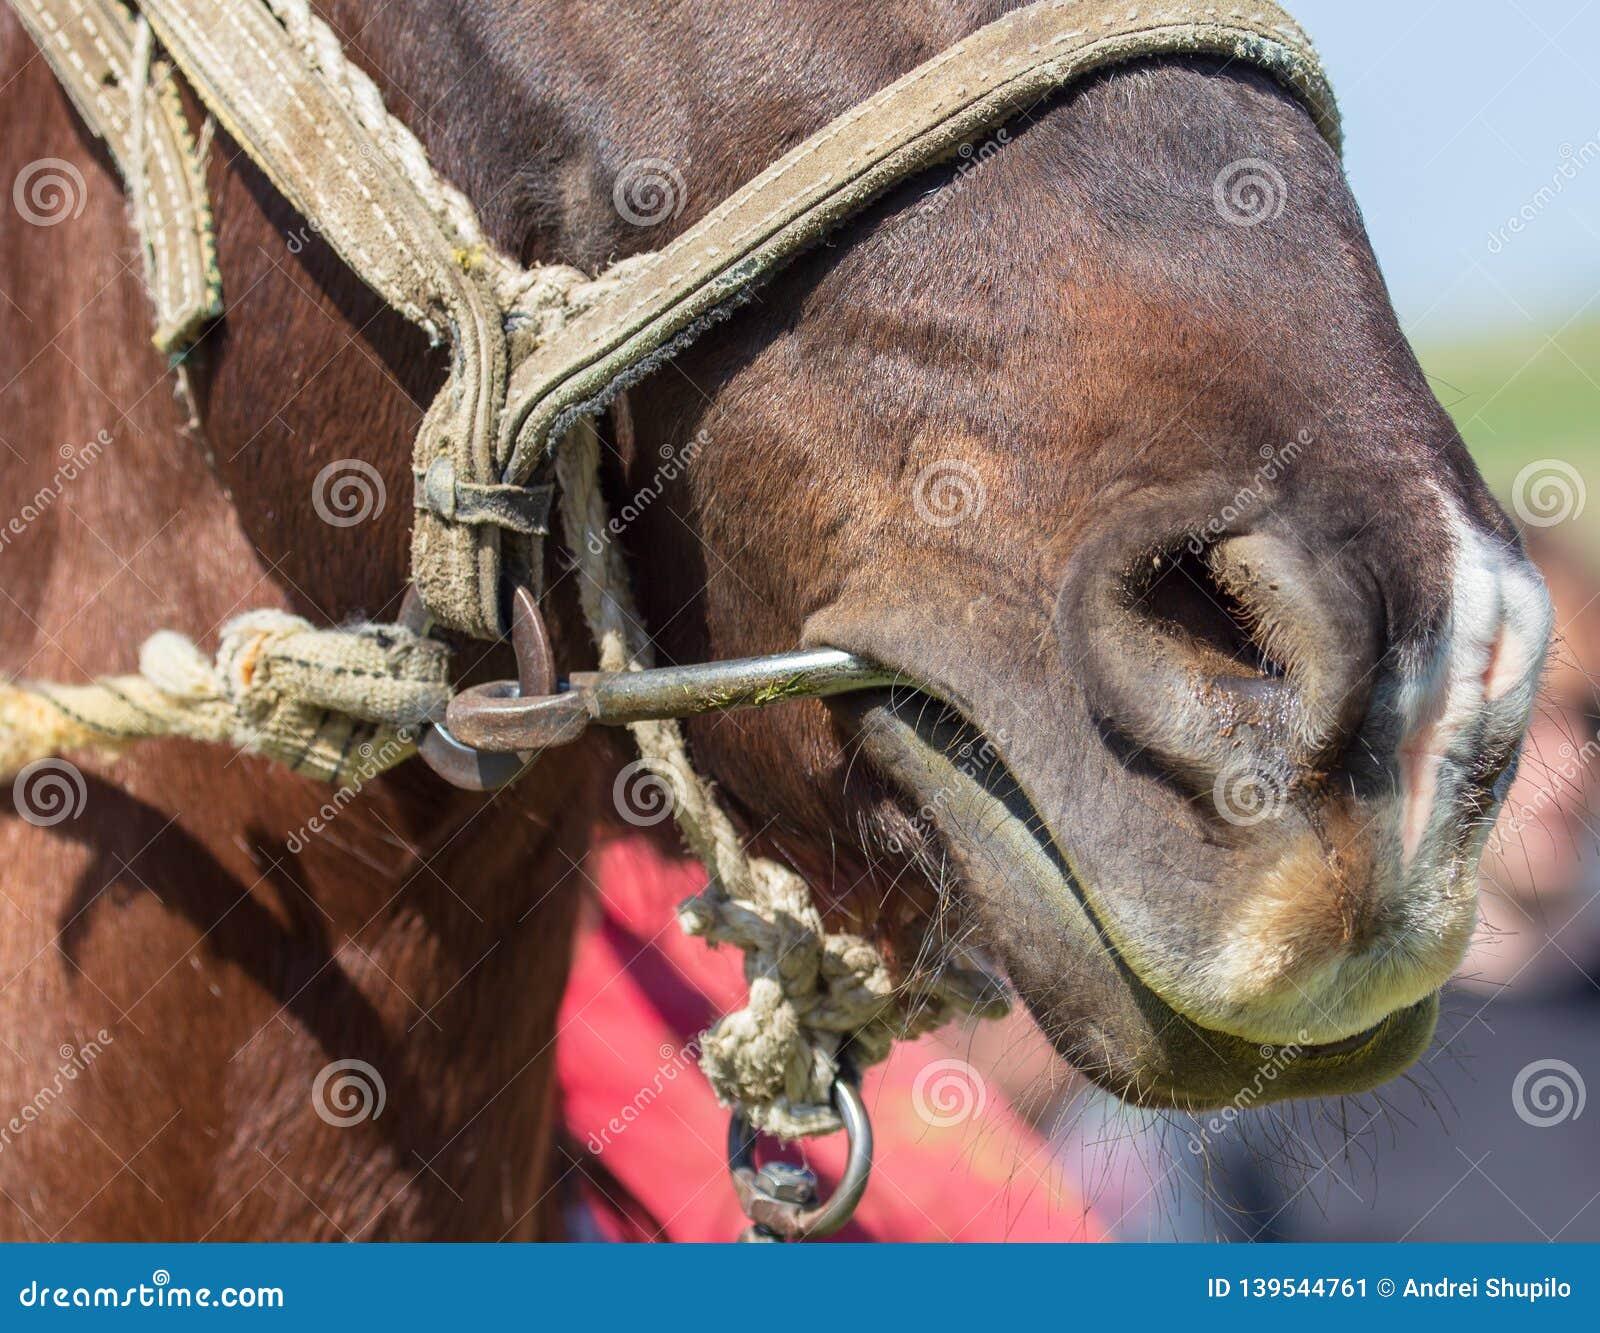 Nase auf Pferdekopf in der Natur